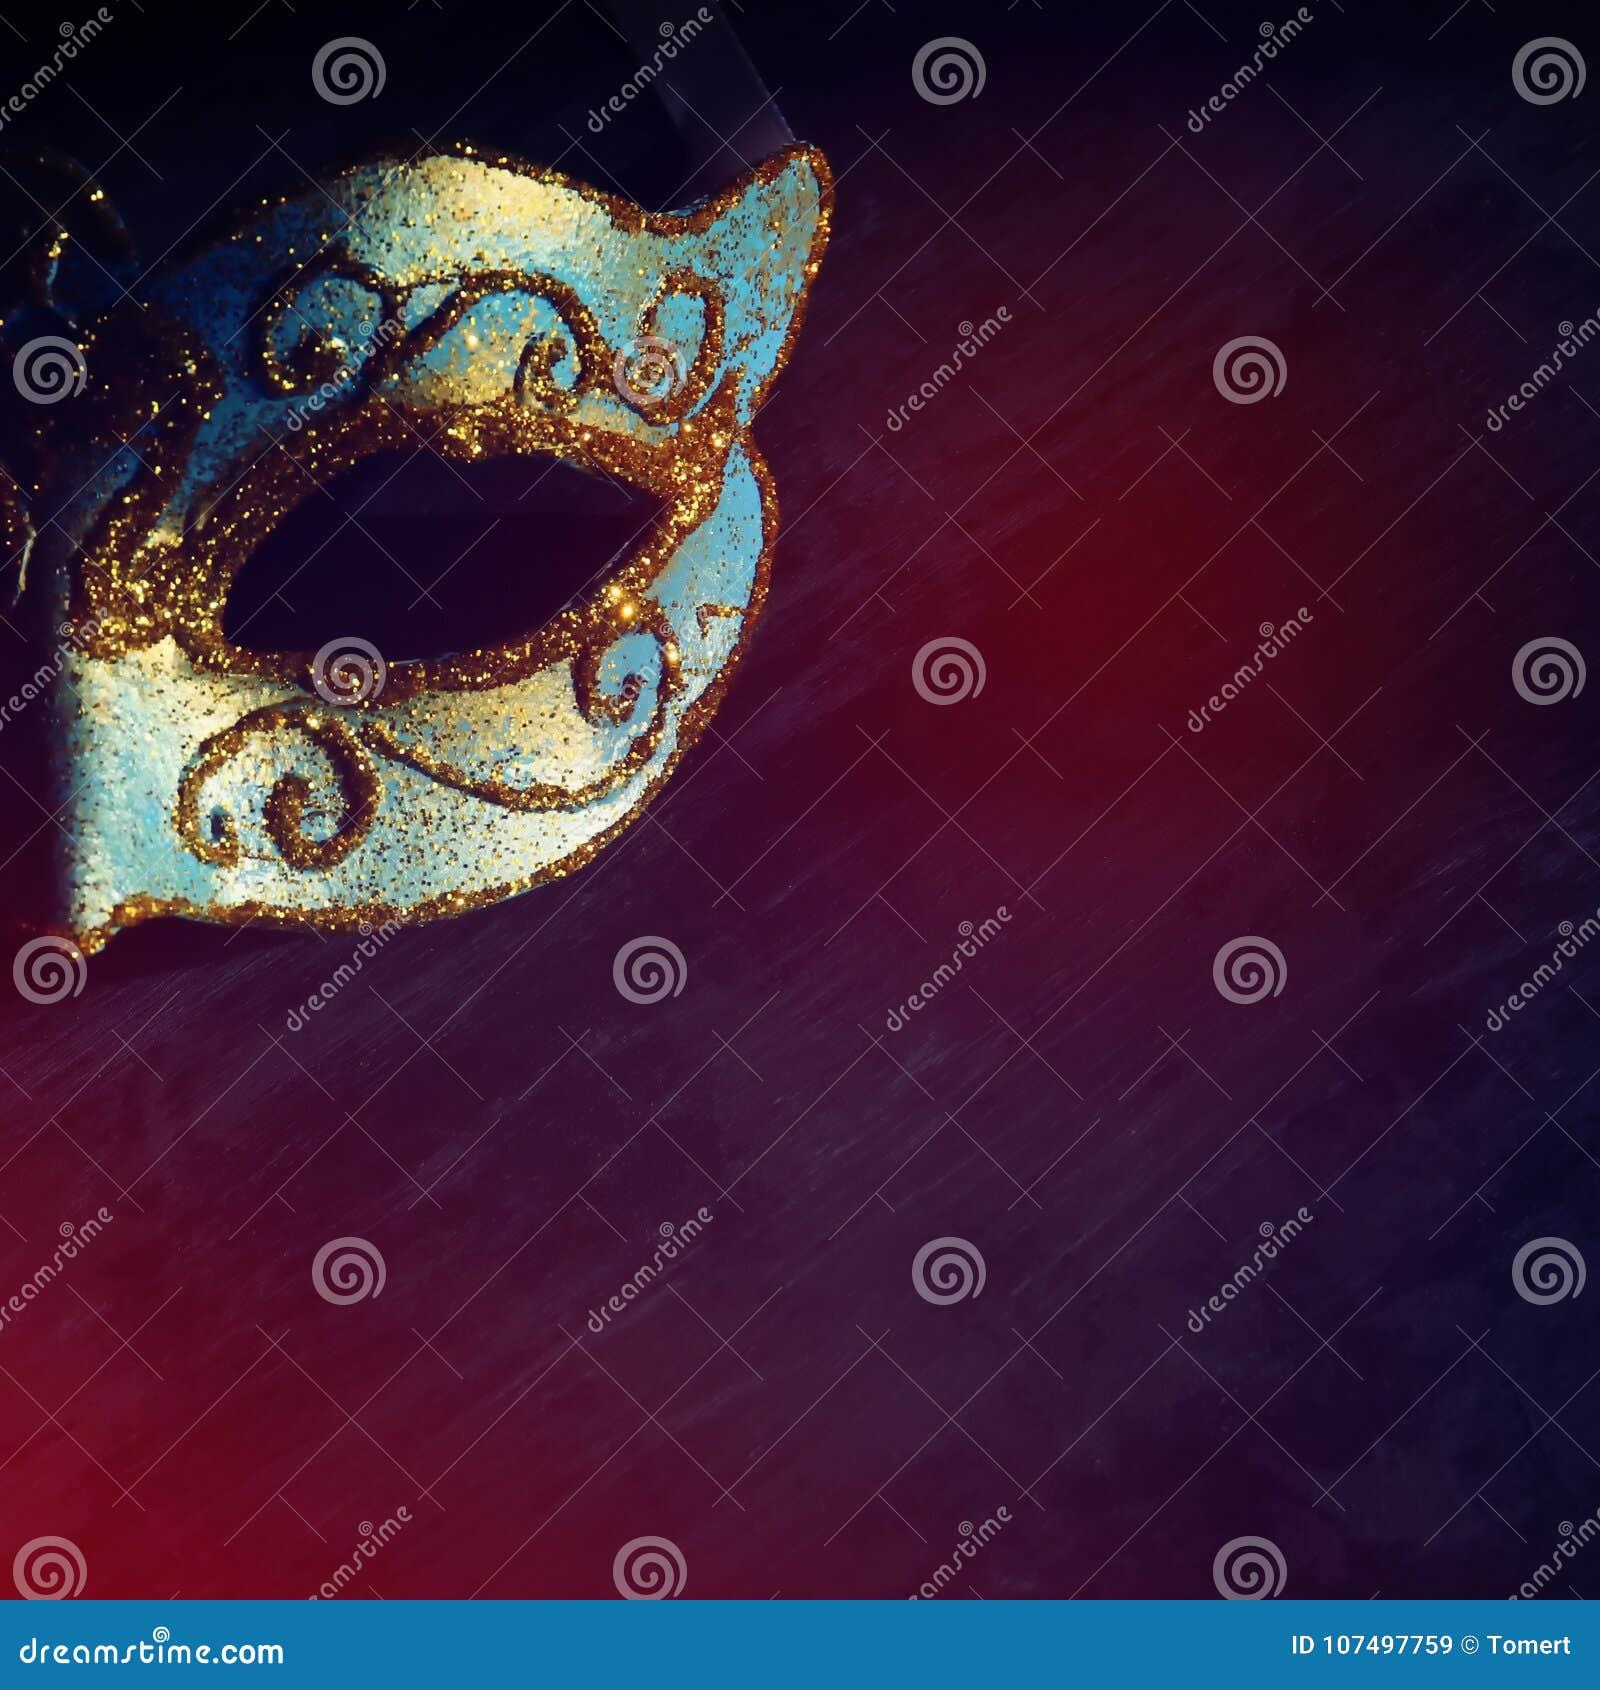 Beeld van elegante blauwe en gouden Venetiaan, het masker van mardigras over zwarte achtergrond